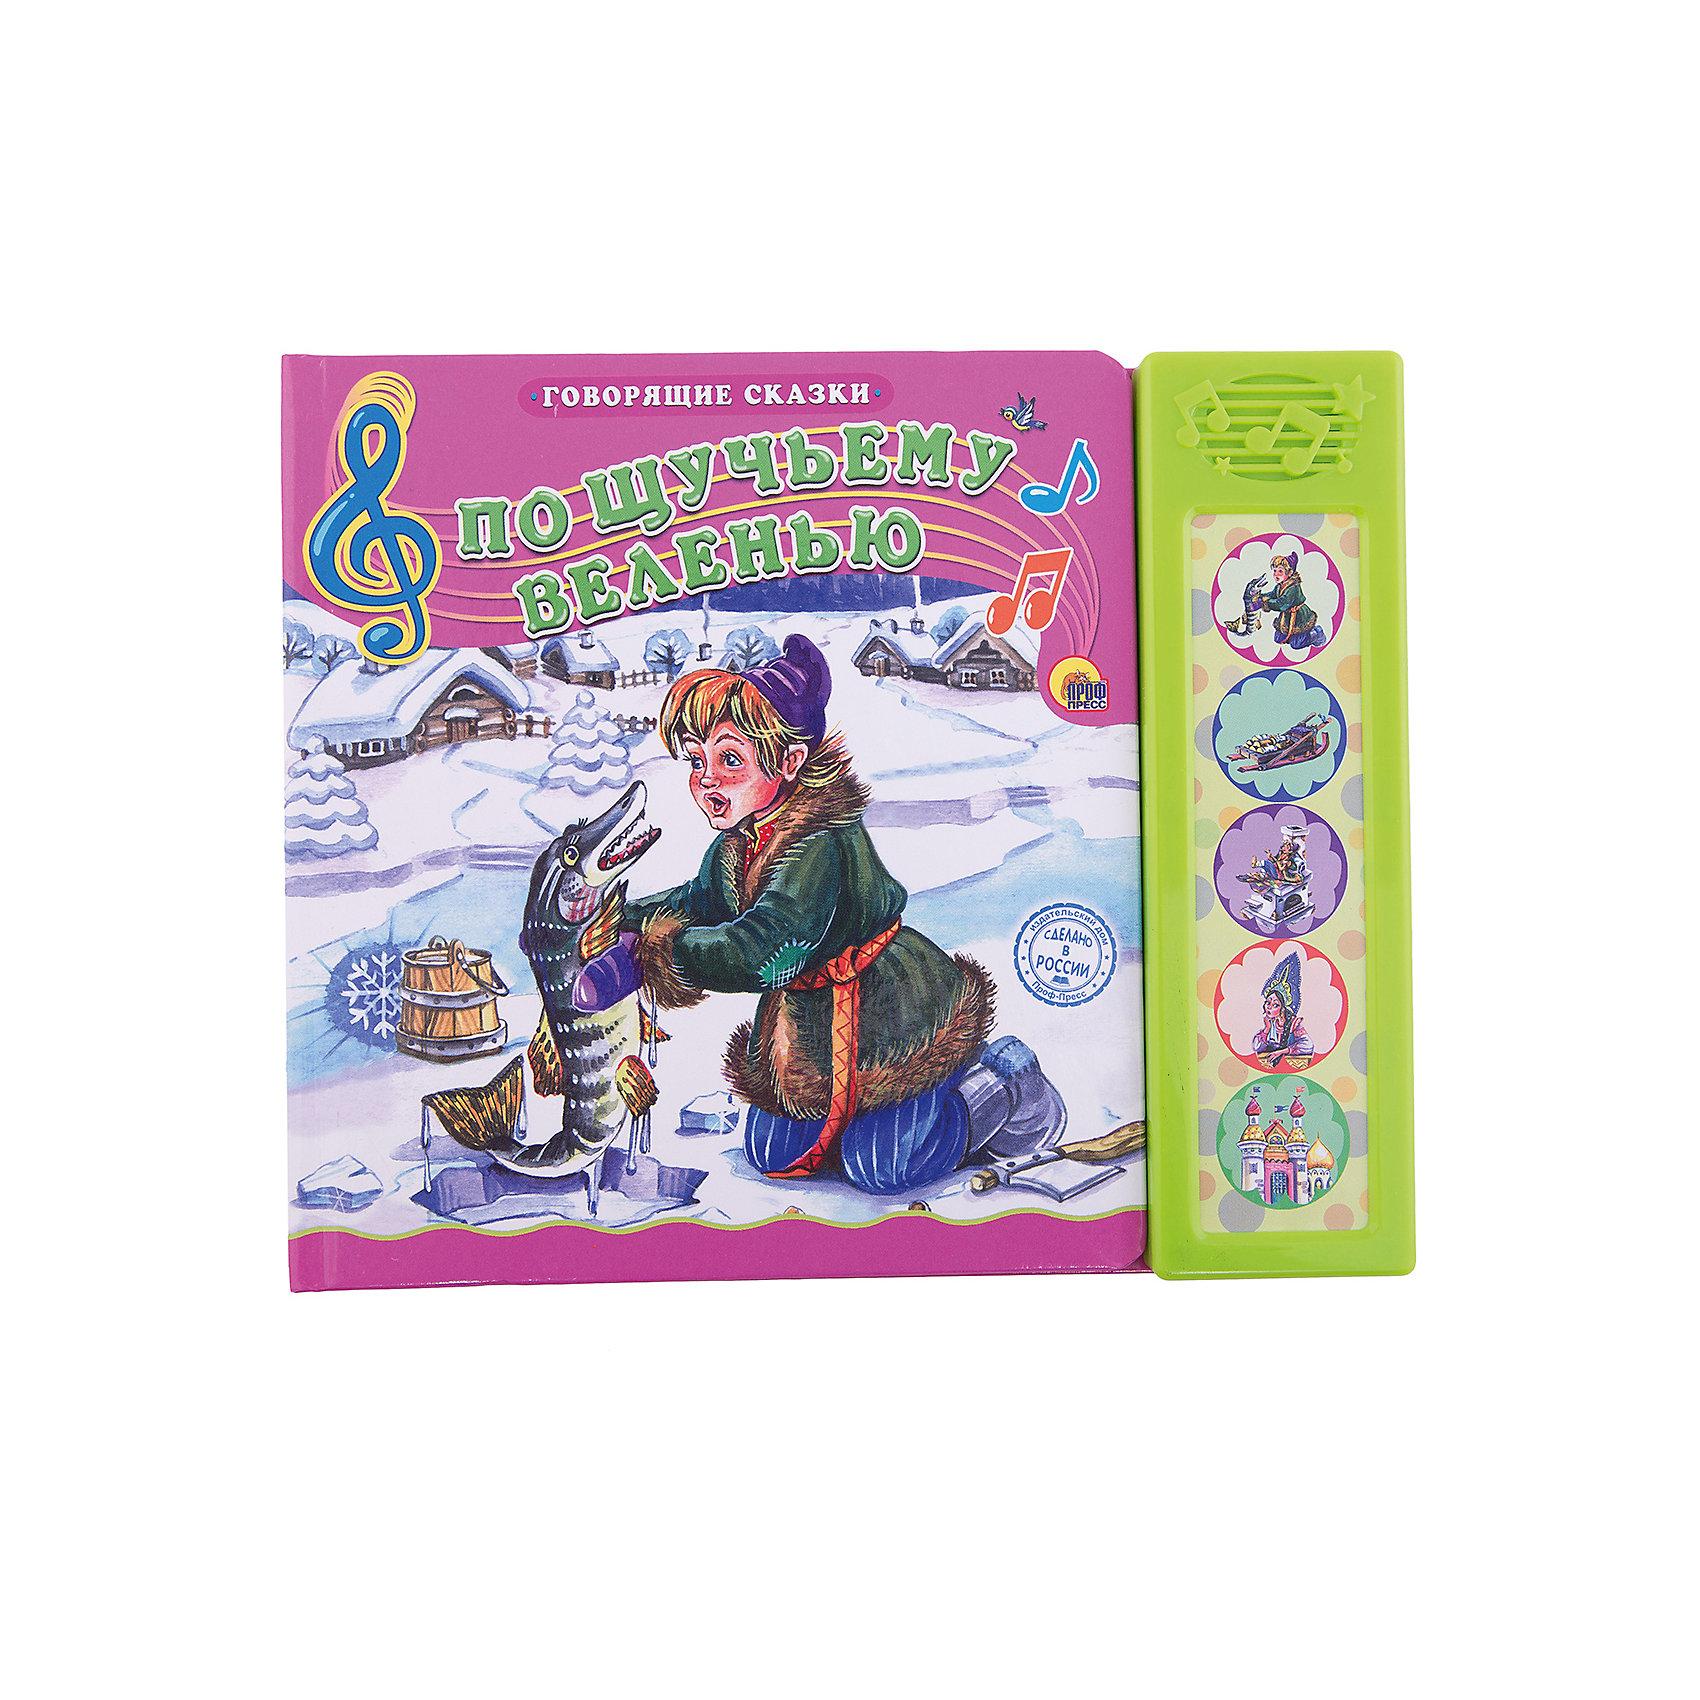 По щучьему веленью, Говорящие сказкиВ данной серии изданий собраны сказки, проверенные многими поколениями, которые понравятся и современным детям. Книги - это лучший подарок не только взрослым, они помогают детям познавать мир и учиться читать, также книги позволяют ребенку весело проводить время. Они также стимулируют развитие воображения, логики и творческого мышления.<br>Это издание сделано специально для самых маленьких - с плотными страничками и пятью кнопками со звуковым модулем, нажав на них, ребенок услышит сказку. Яркие картинки обязательно понравятся малышам! Книга сделана из качественных и безопасных для детей материалов.<br>  <br>Дополнительная информация:<br><br>страниц: 10; <br>размер: 19х22 см;<br>вес: 254 г.<br><br>Книгу с 5 кнопками Говорящие сказки. По щучьему веленью от издательства Проф-Пресс можно купить в нашем магазине.<br><br>Ширина мм: 190<br>Глубина мм: 15<br>Высота мм: 220<br>Вес г: 235<br>Возраст от месяцев: 0<br>Возраст до месяцев: 60<br>Пол: Унисекс<br>Возраст: Детский<br>SKU: 4787270